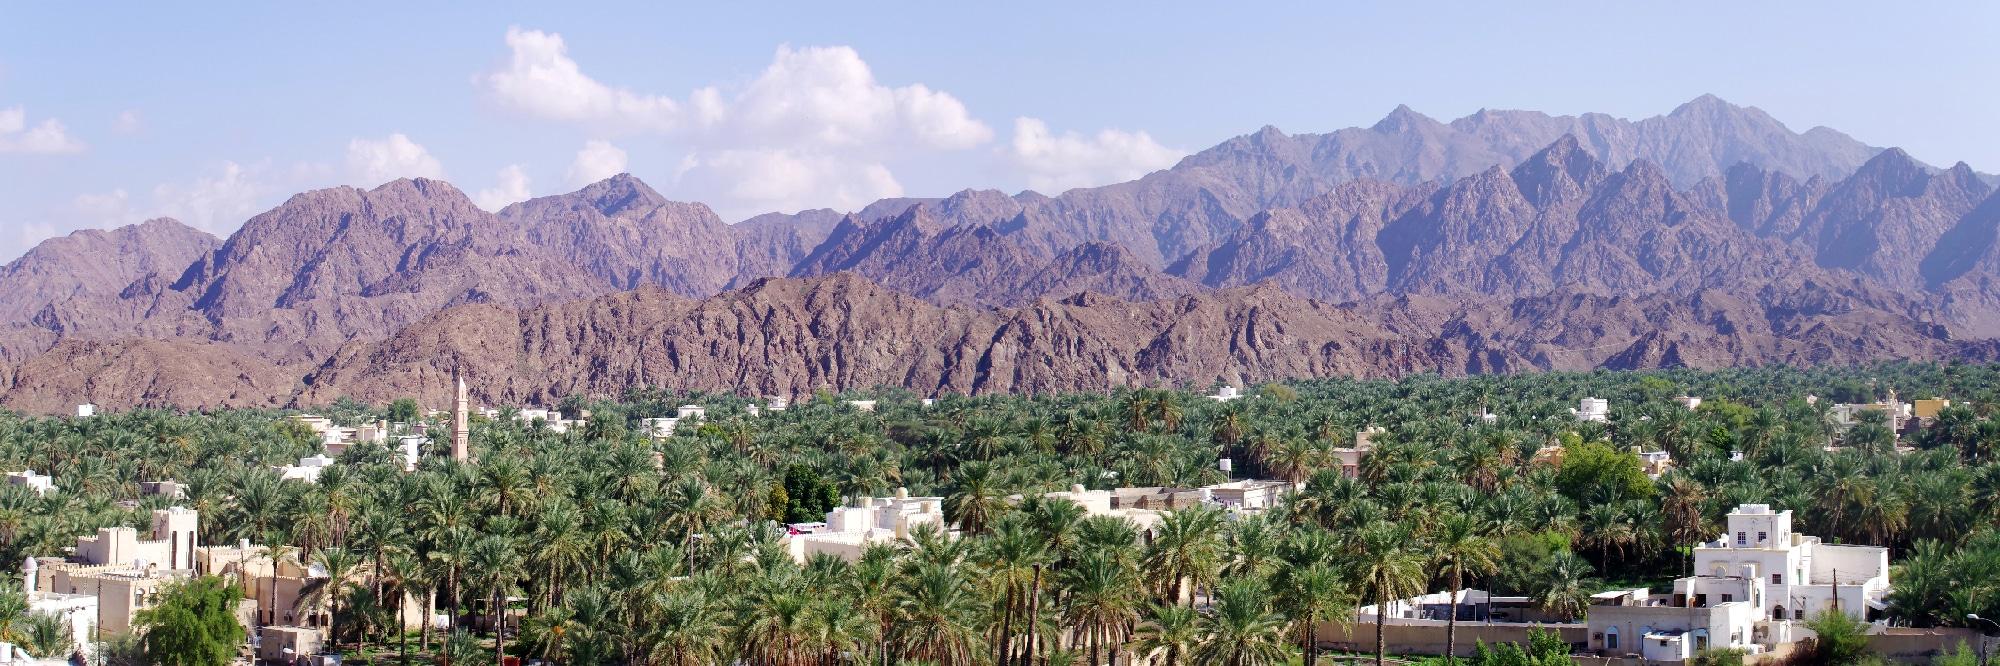 Sultanat d'Oman, ville de Rustaq.